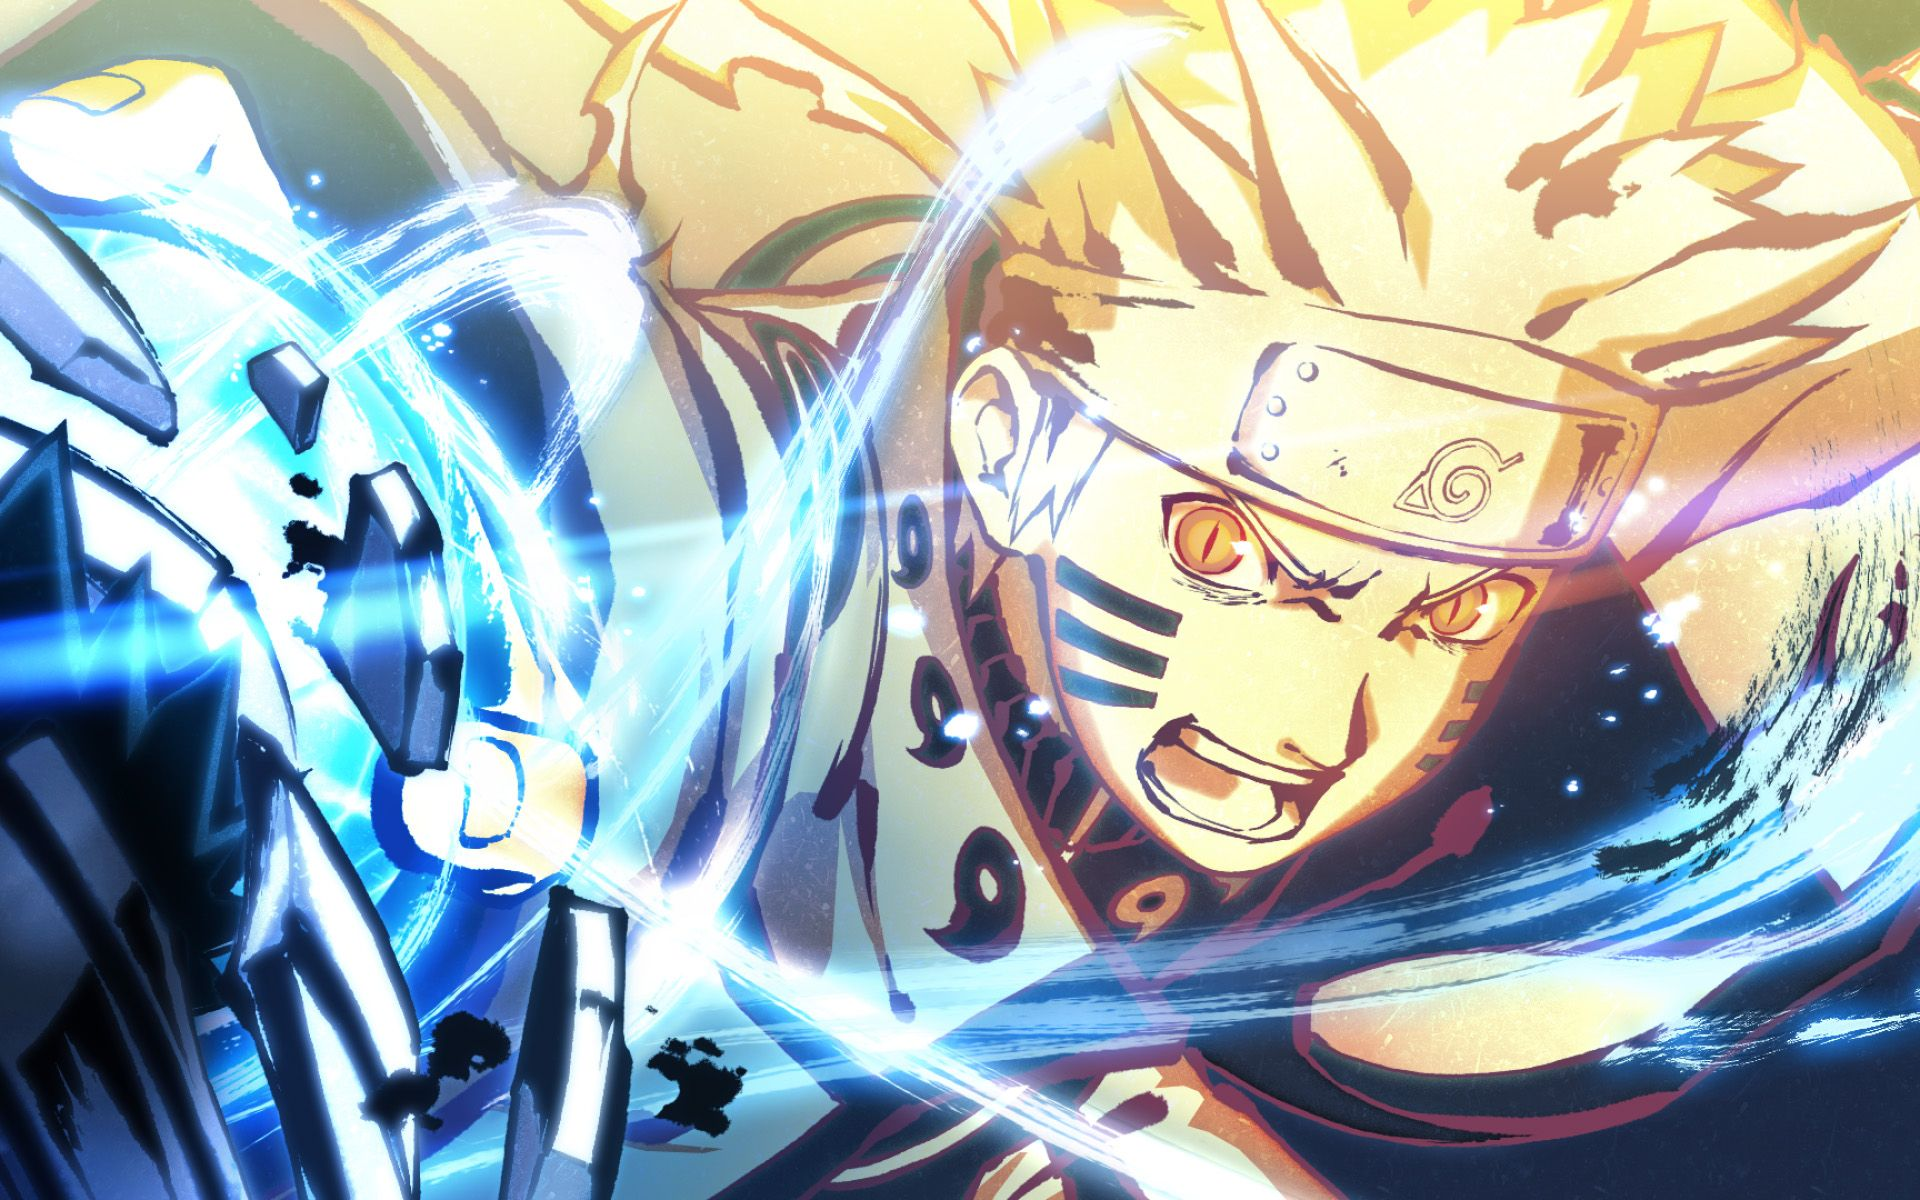 foto de Naruto Uzumaki, blue neon lights, battle, manga, artwork, Naruto ...